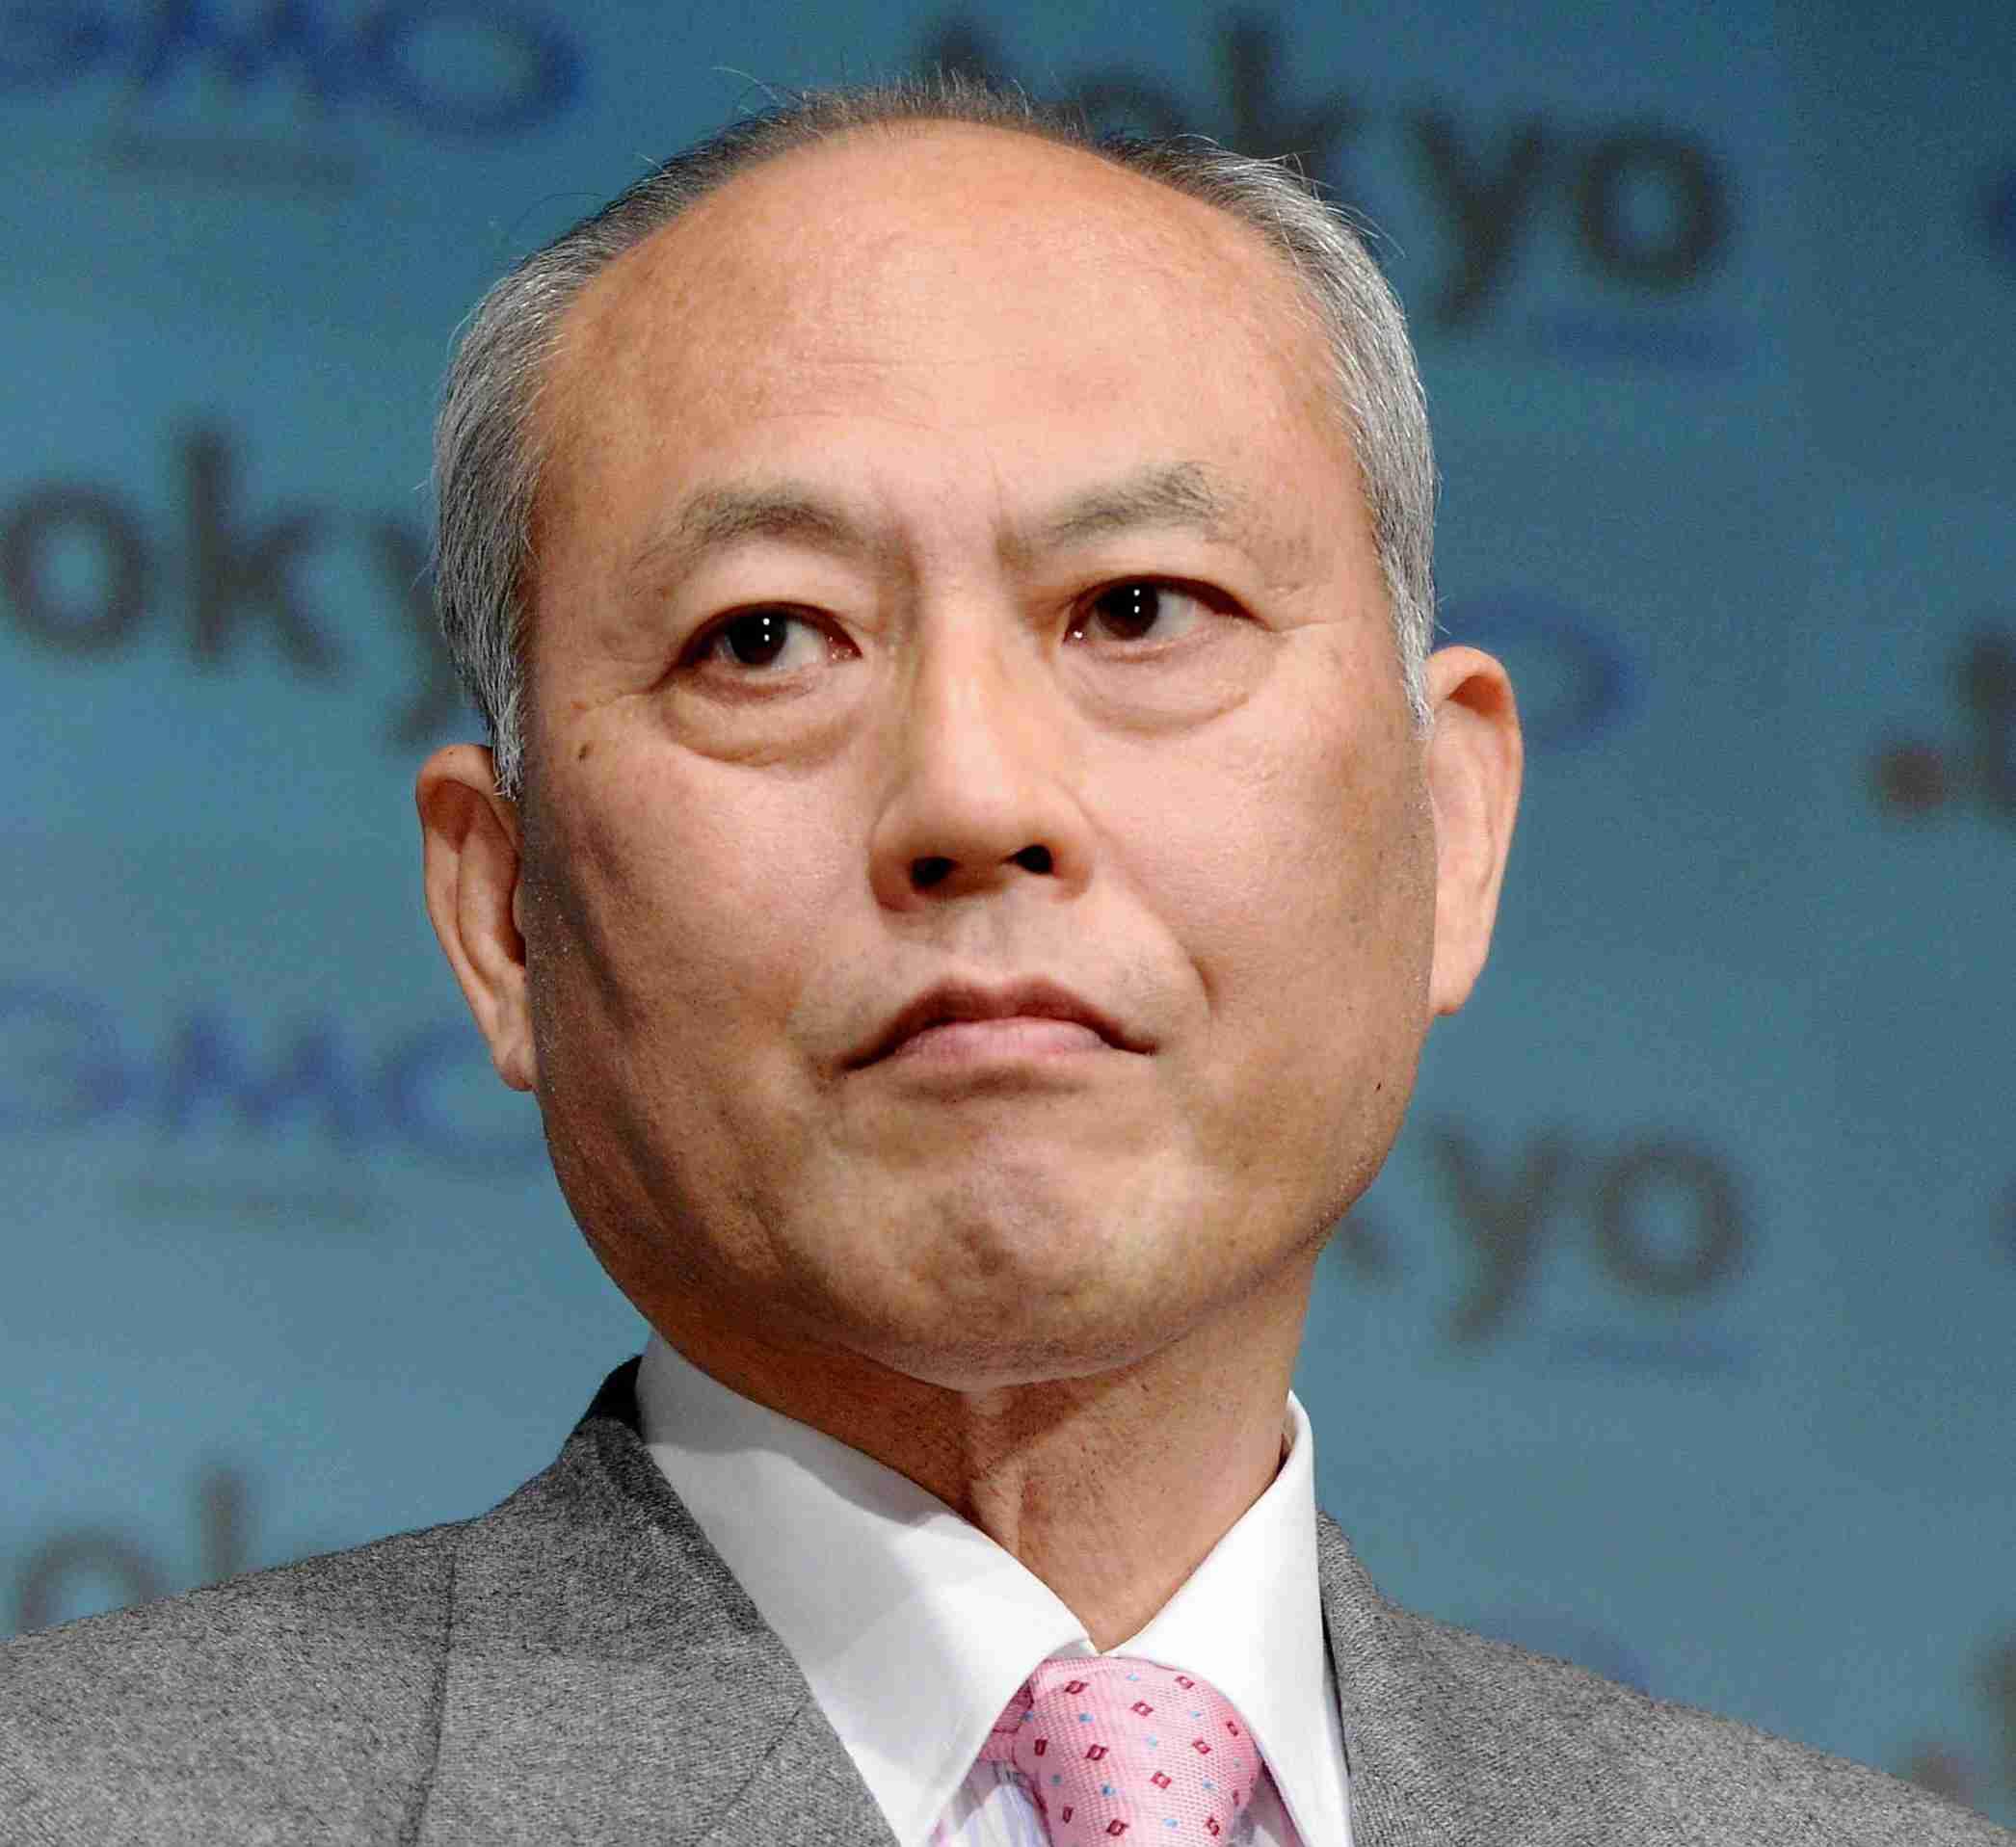 舛添要一氏 小池都知事を批判しツイッター荒れ放題「あんたが言うな!」 (デイリースポーツ) - Yahoo!ニュース